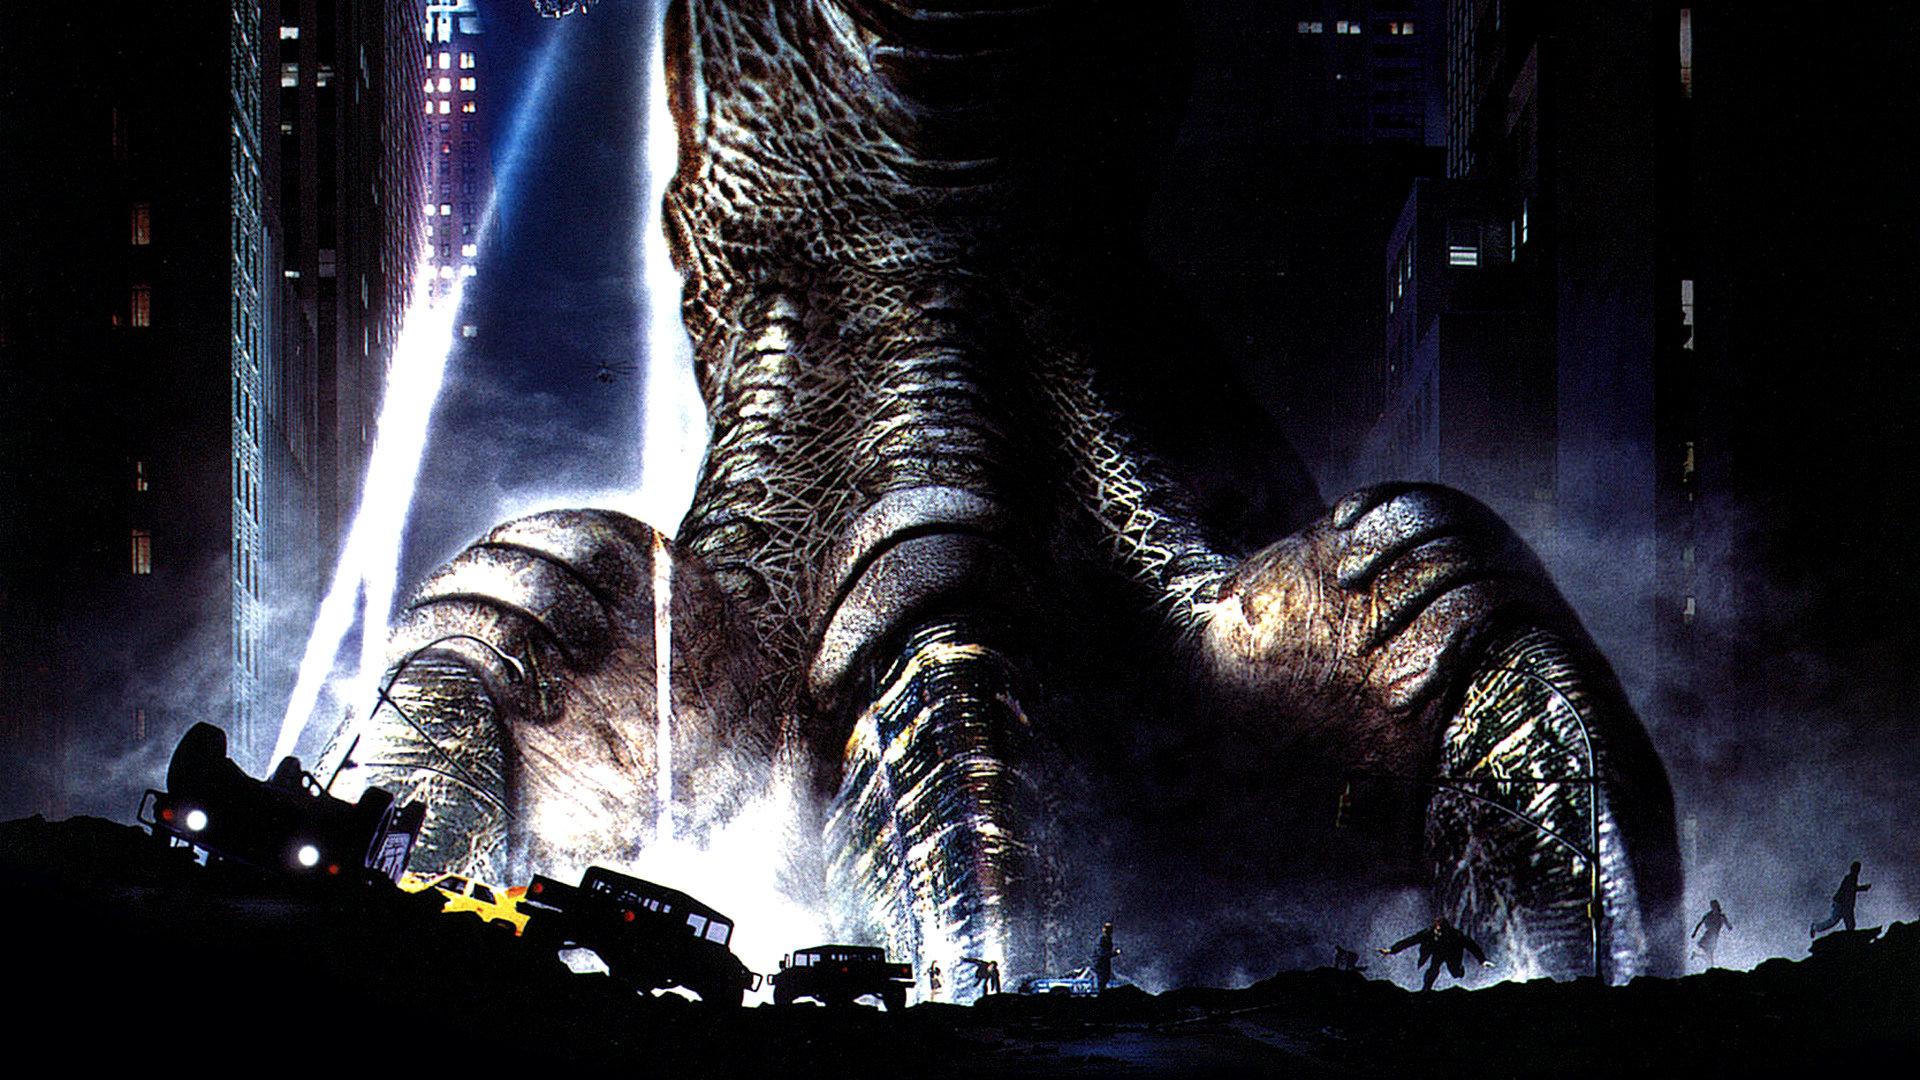 Godzilla wallpaper   203150 1920x1080